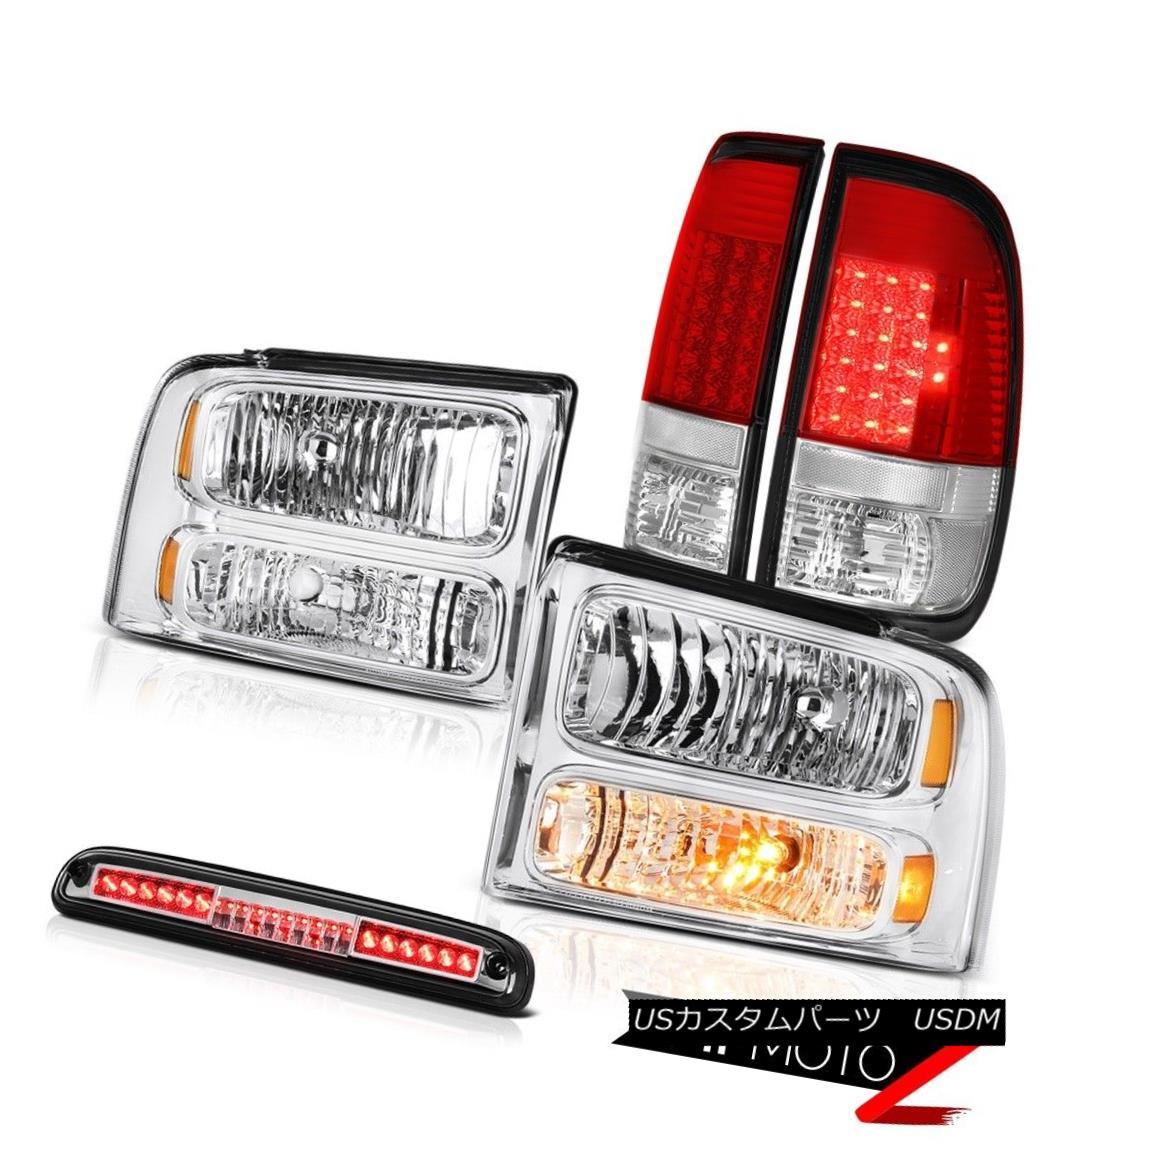 テールライト 05 06 07 F350 XL Left Right Front Headlights LED Tail Lights Roof Brake Chrome 05 06 07 F350 XL左フロントライトヘッドライトLEDテールライトルーフブレーキクローム